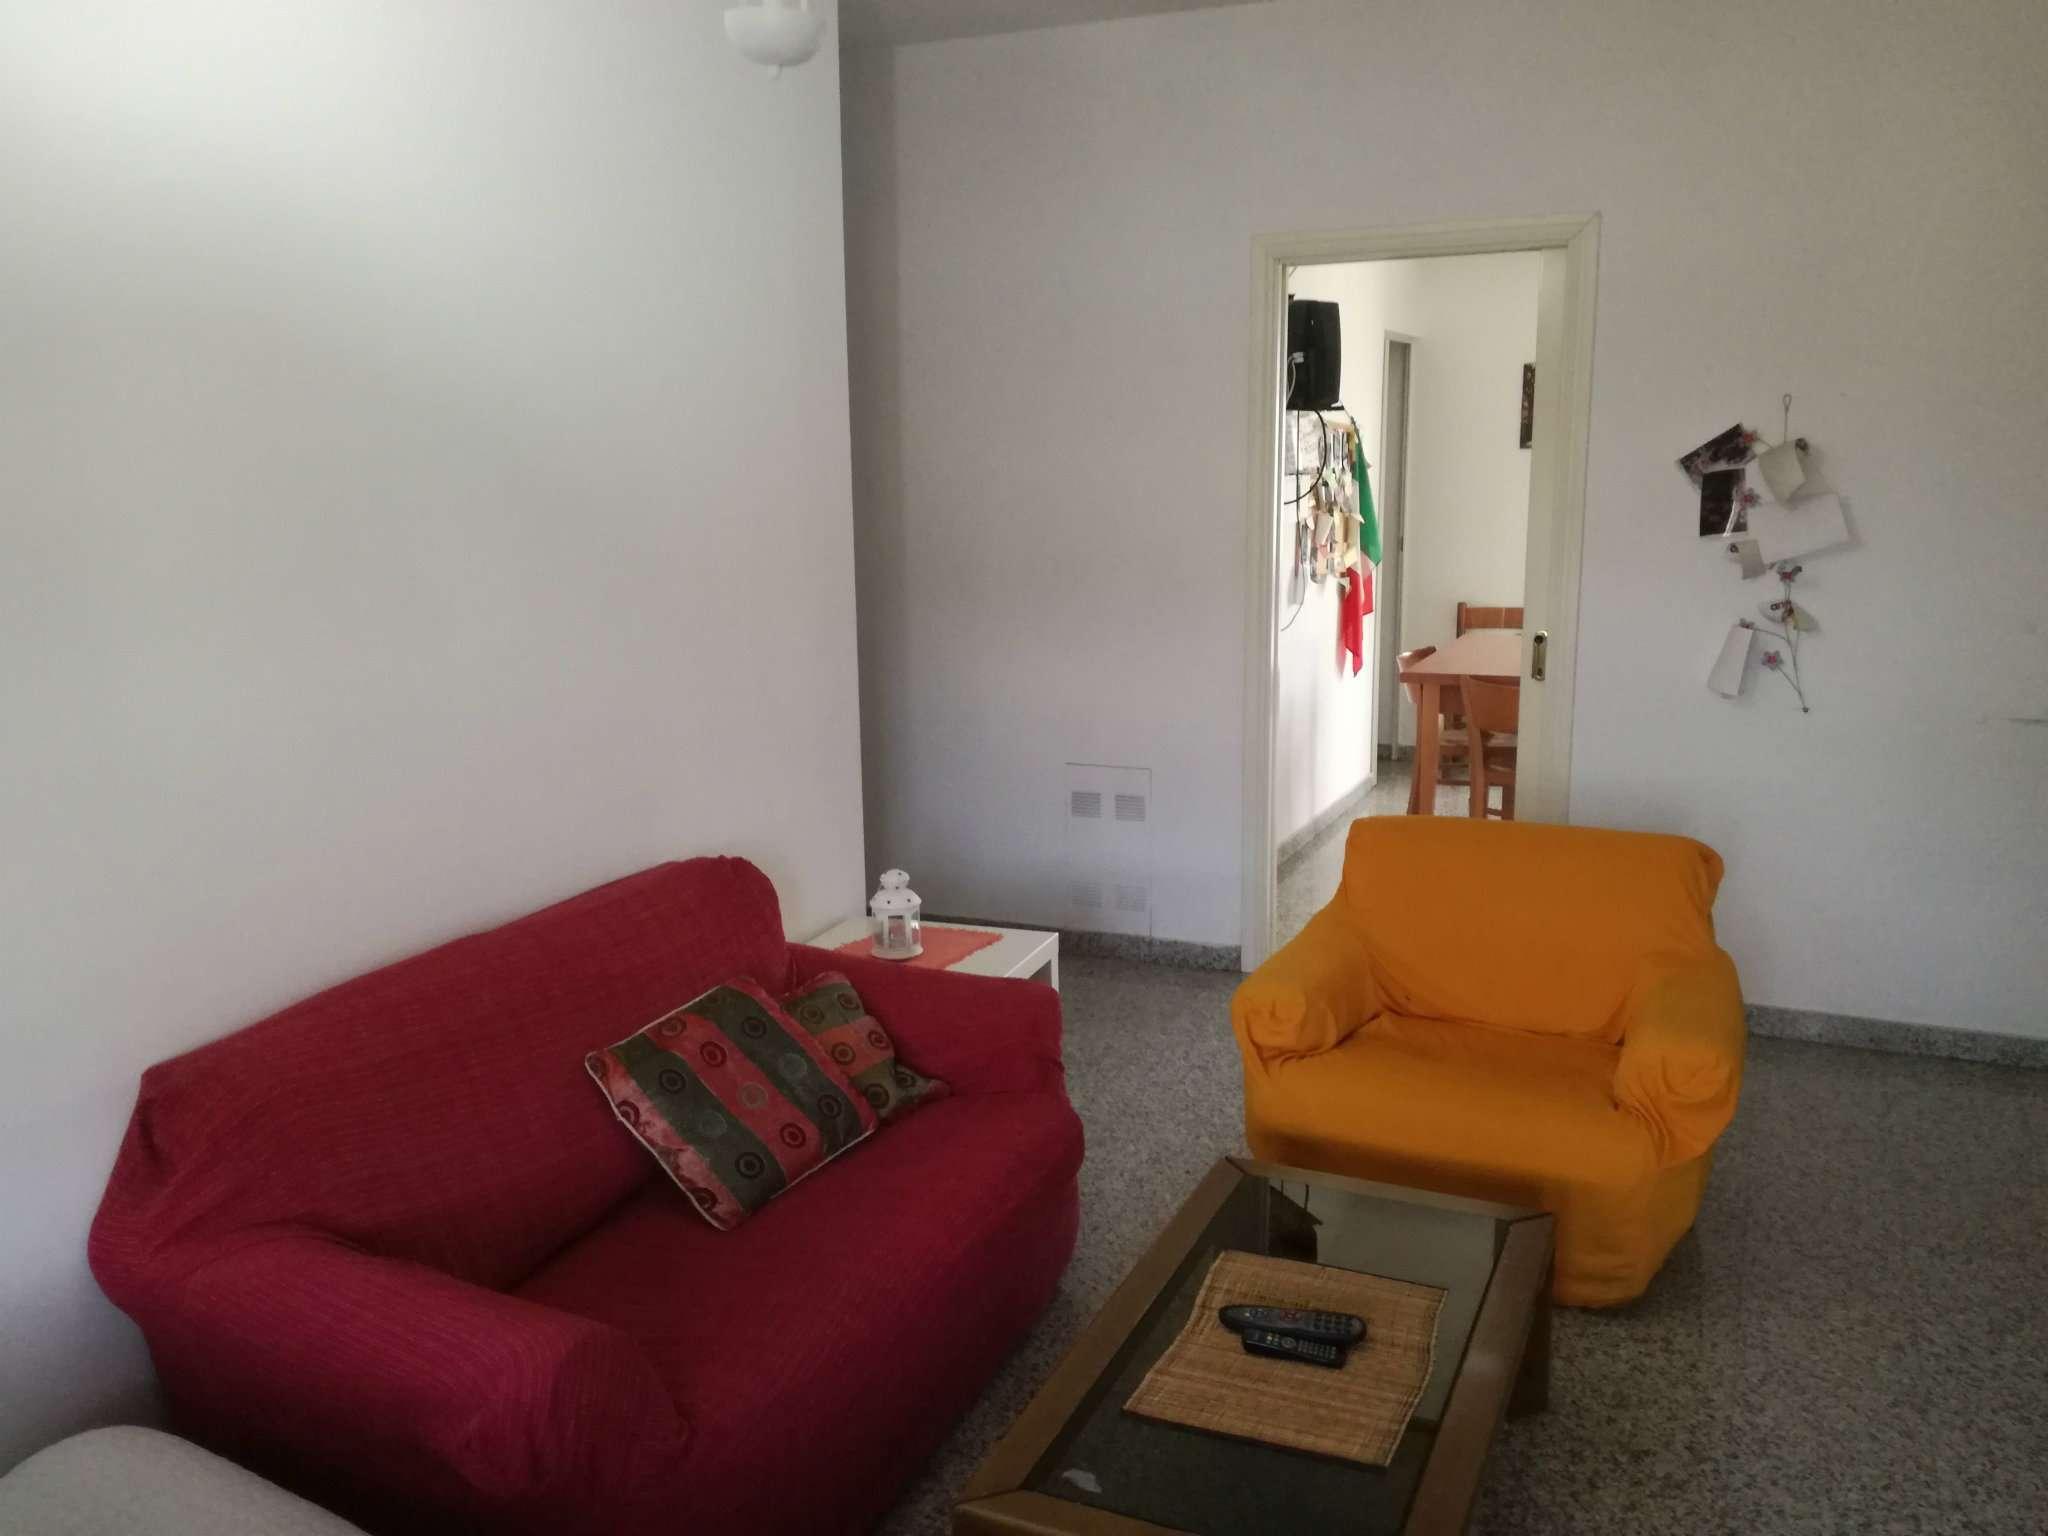 Stanza - camera 5 locali in affitto a Chieti (CH)